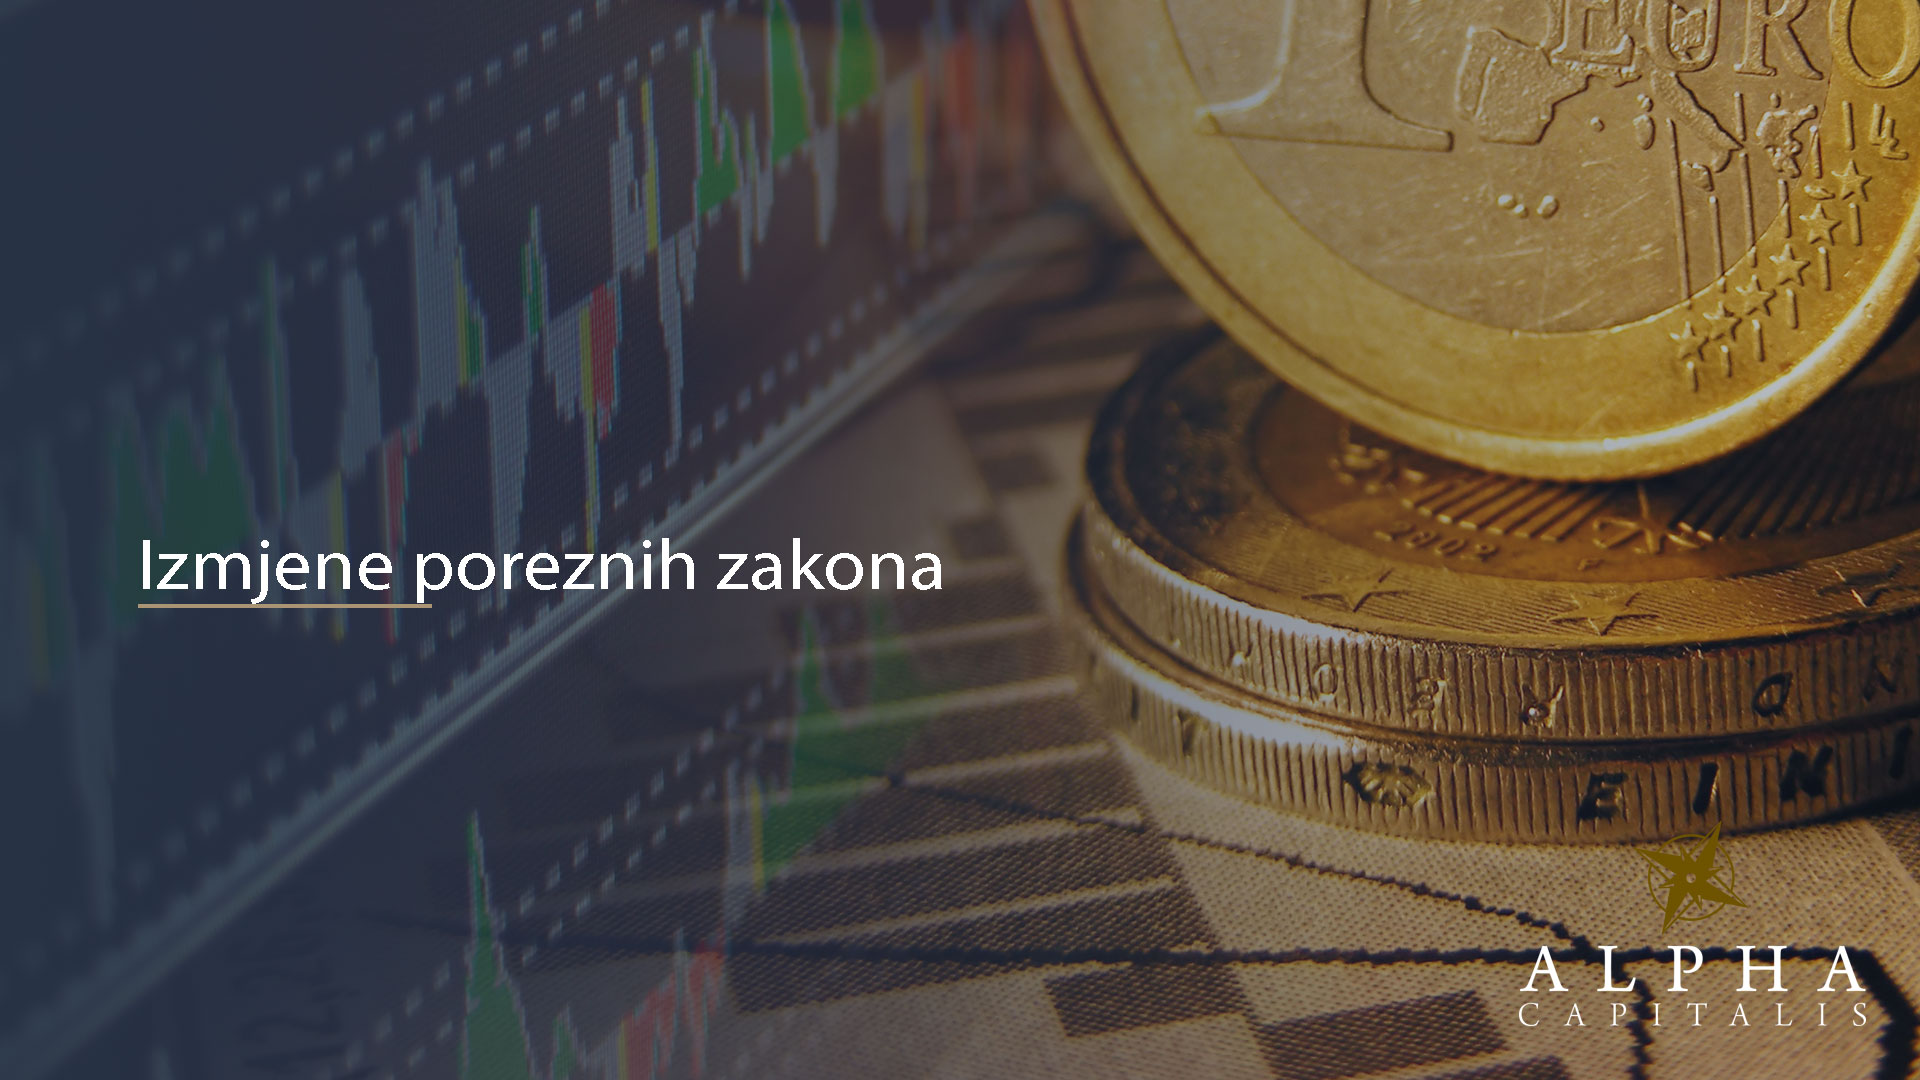 alpha-capitalis-novosti-porezne_izmjene